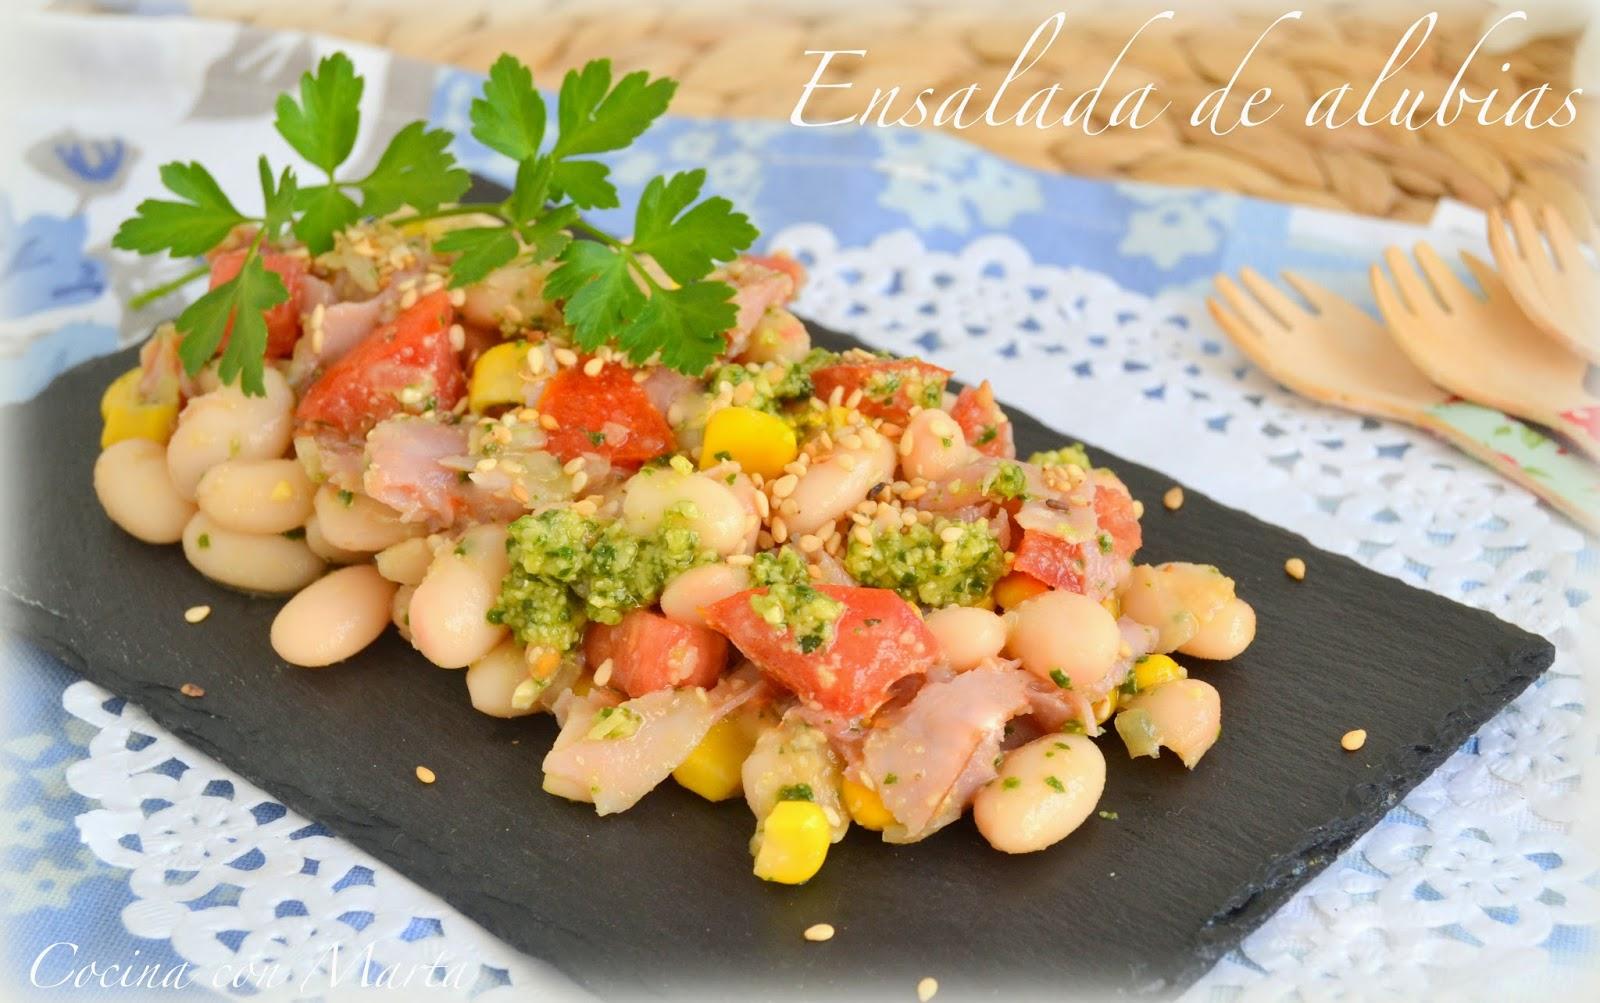 Cocina Con Marta Recetas F Ciles R Pidas Y Caseras Para Picar ~ Recetas De Ensaladas Faciles Y Originales